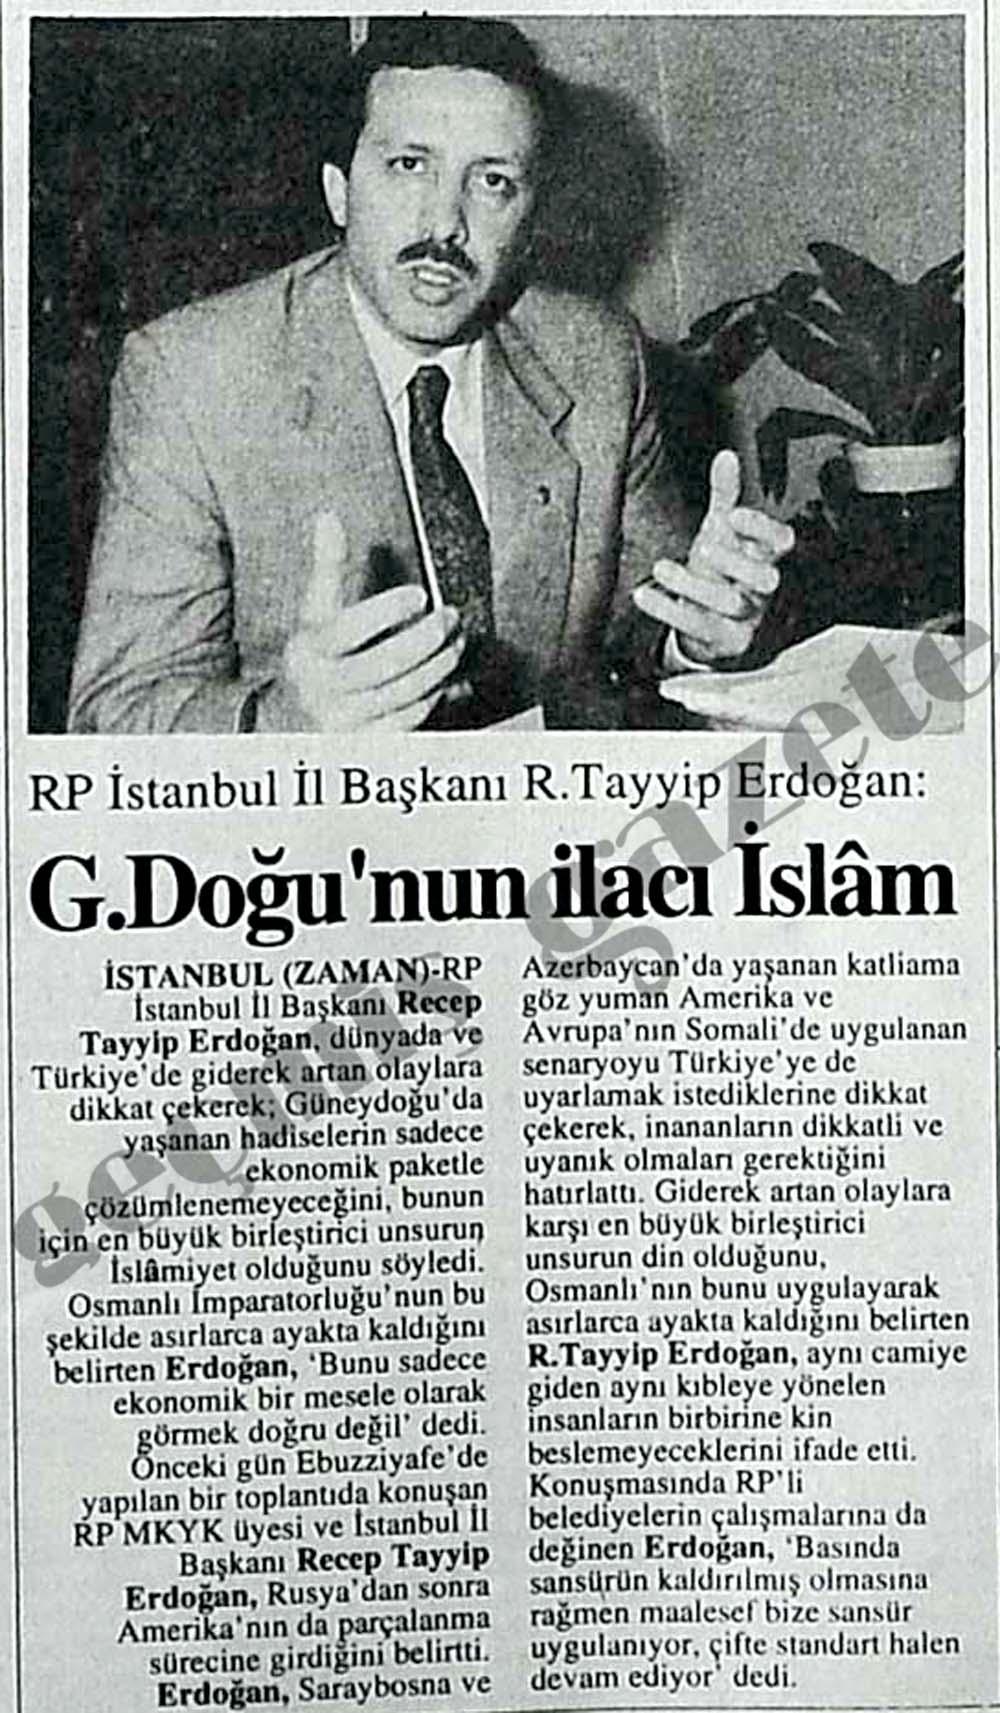 güneydoğunun ilacı islam